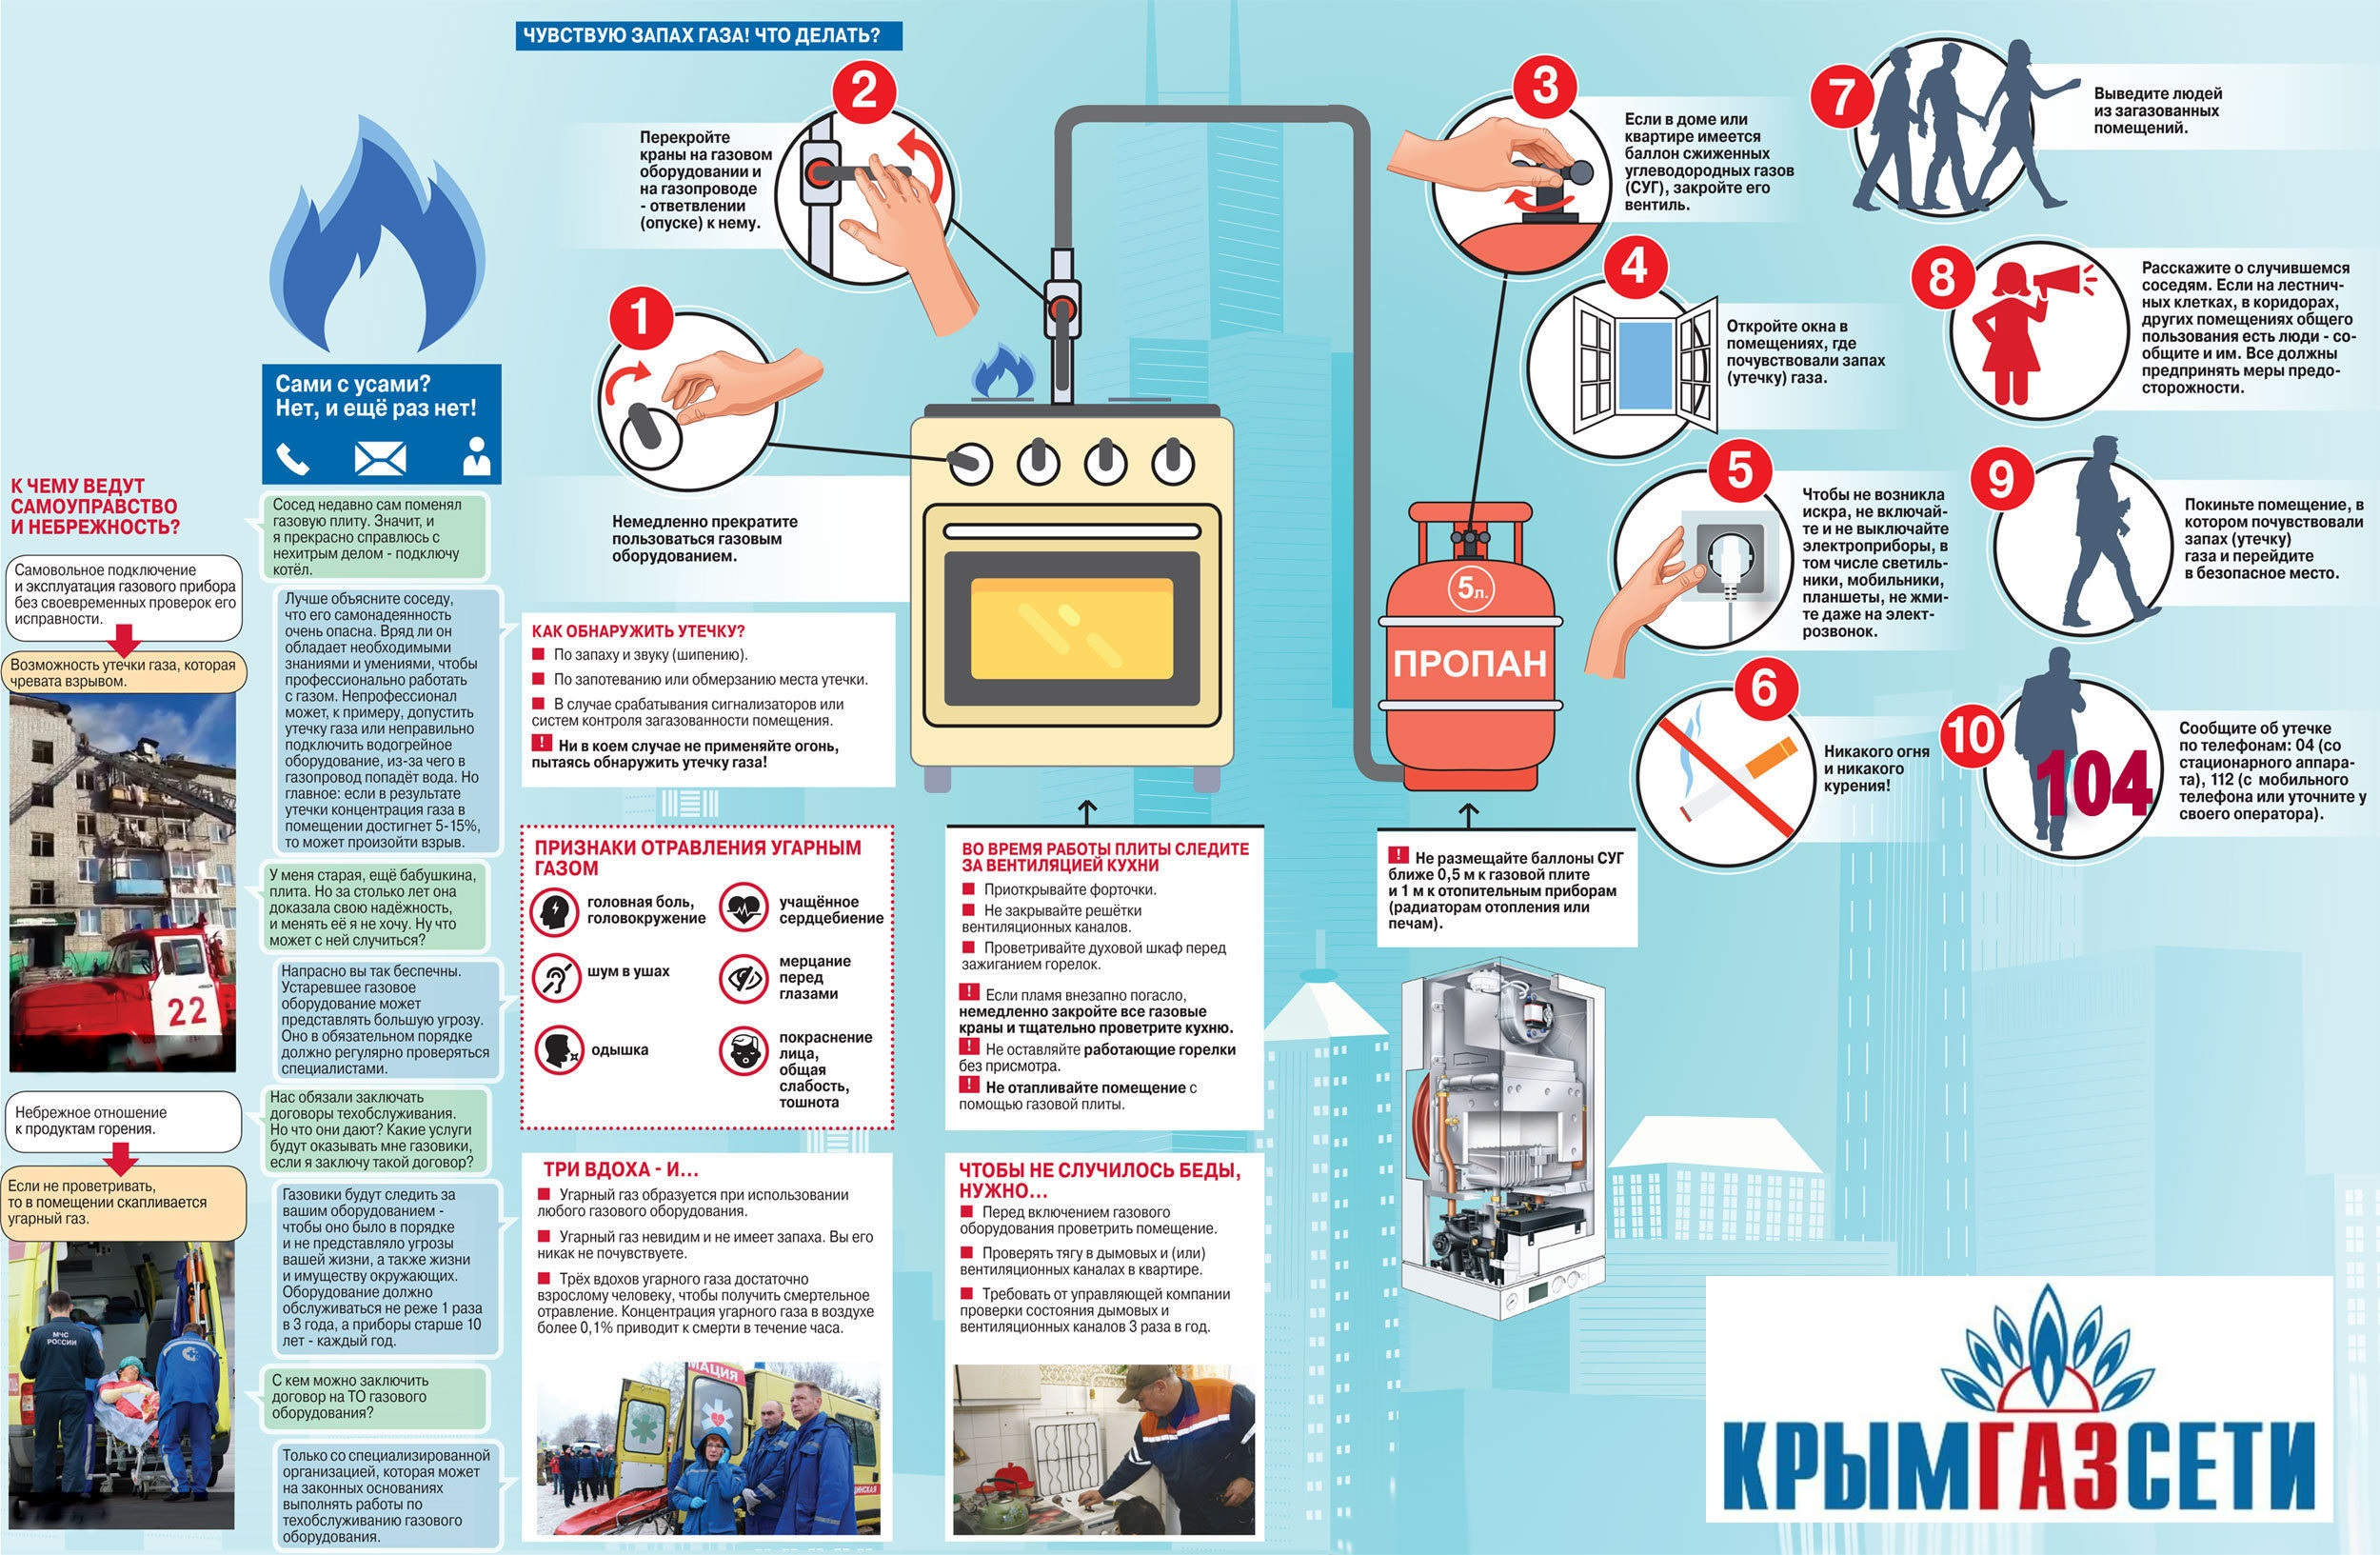 Инструкция по охране труда для ответственного за безопасную эксплуатацию газового хозяйства